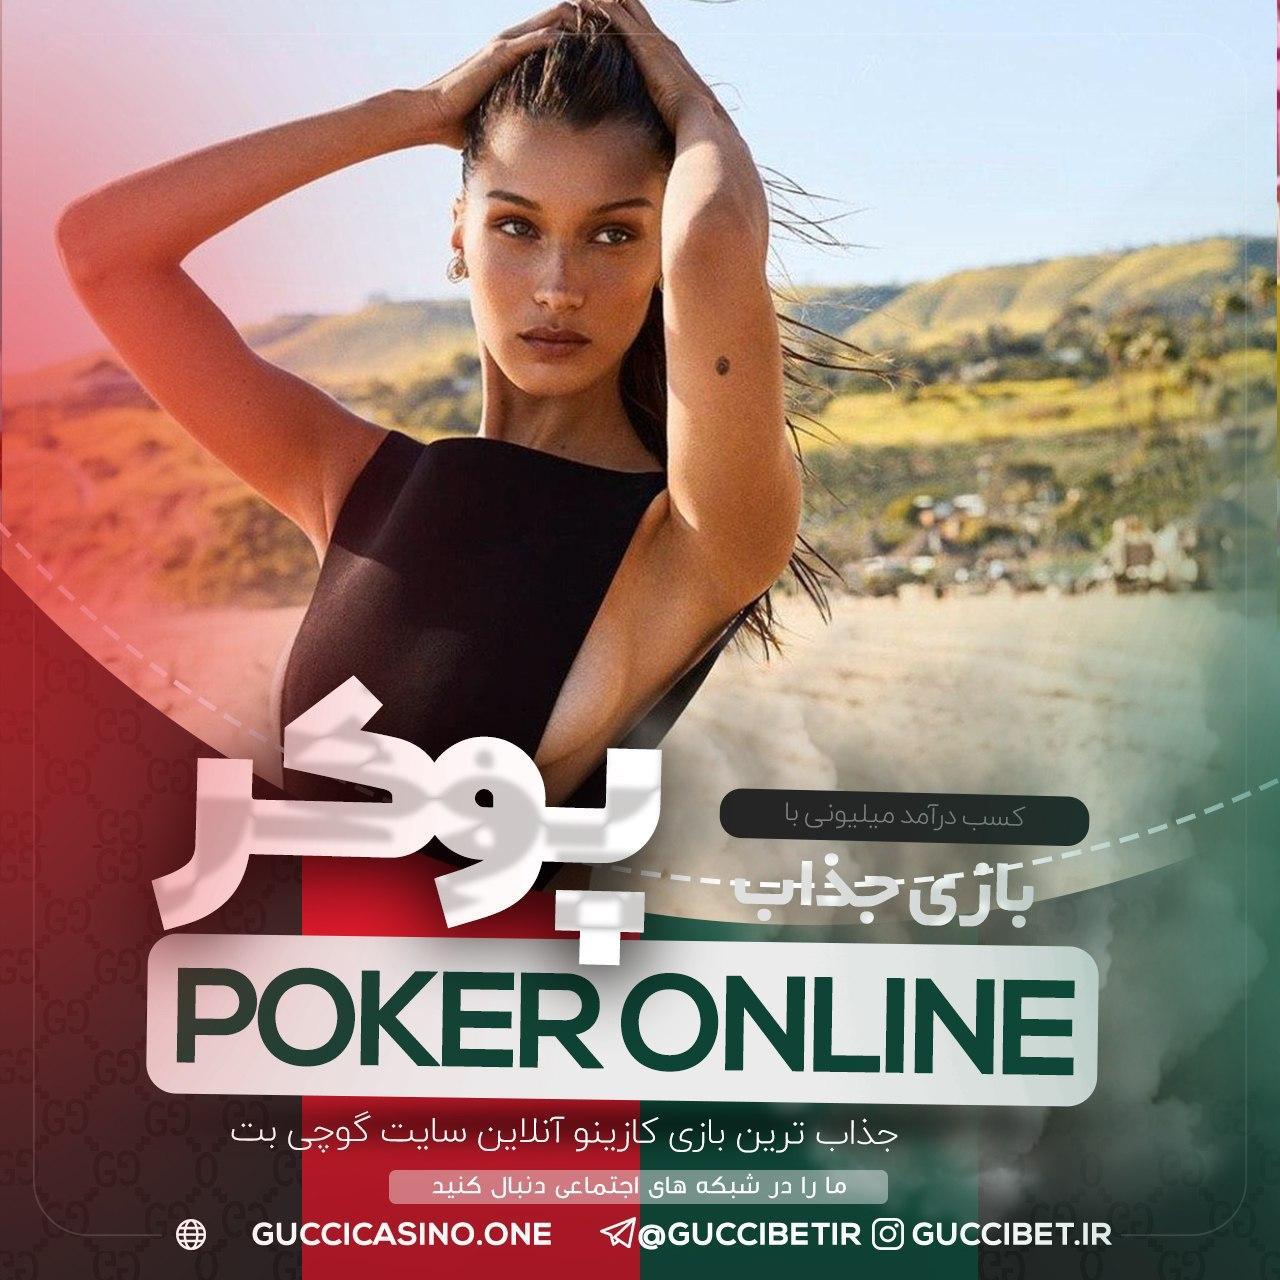 ویلون پوکر   سایت شرط بندی wilon poker با بونوس   ادرس بدون فیلتر سایت